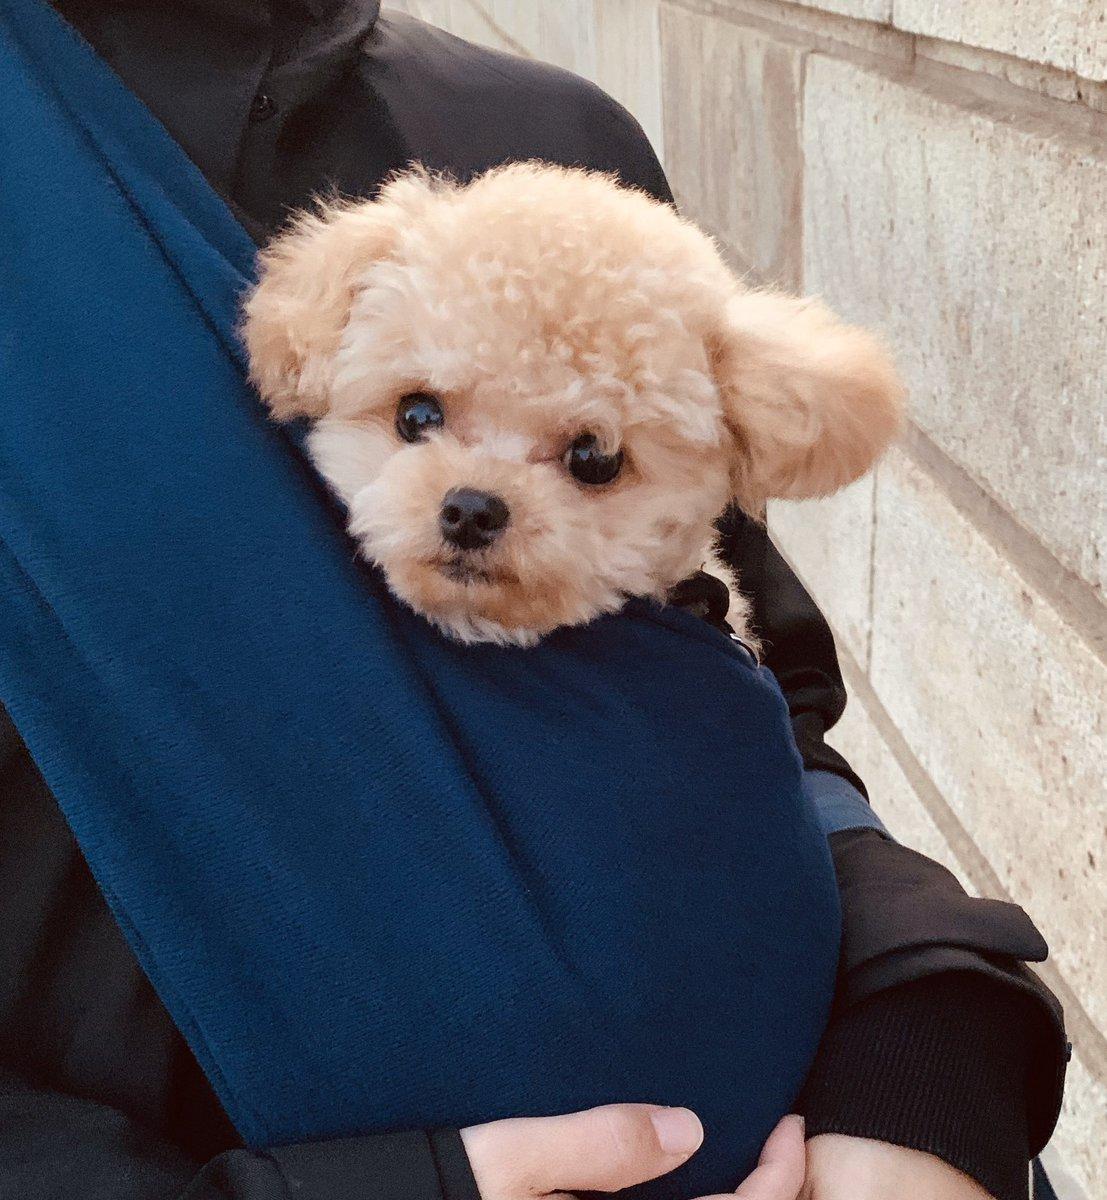 一緒にくっついて お出かけしたい年頃  #ポメプー #ミックス犬 #ふわちゃん #犬好きな人と繋がりたい pic.twitter.com/FfhEpG6ehF